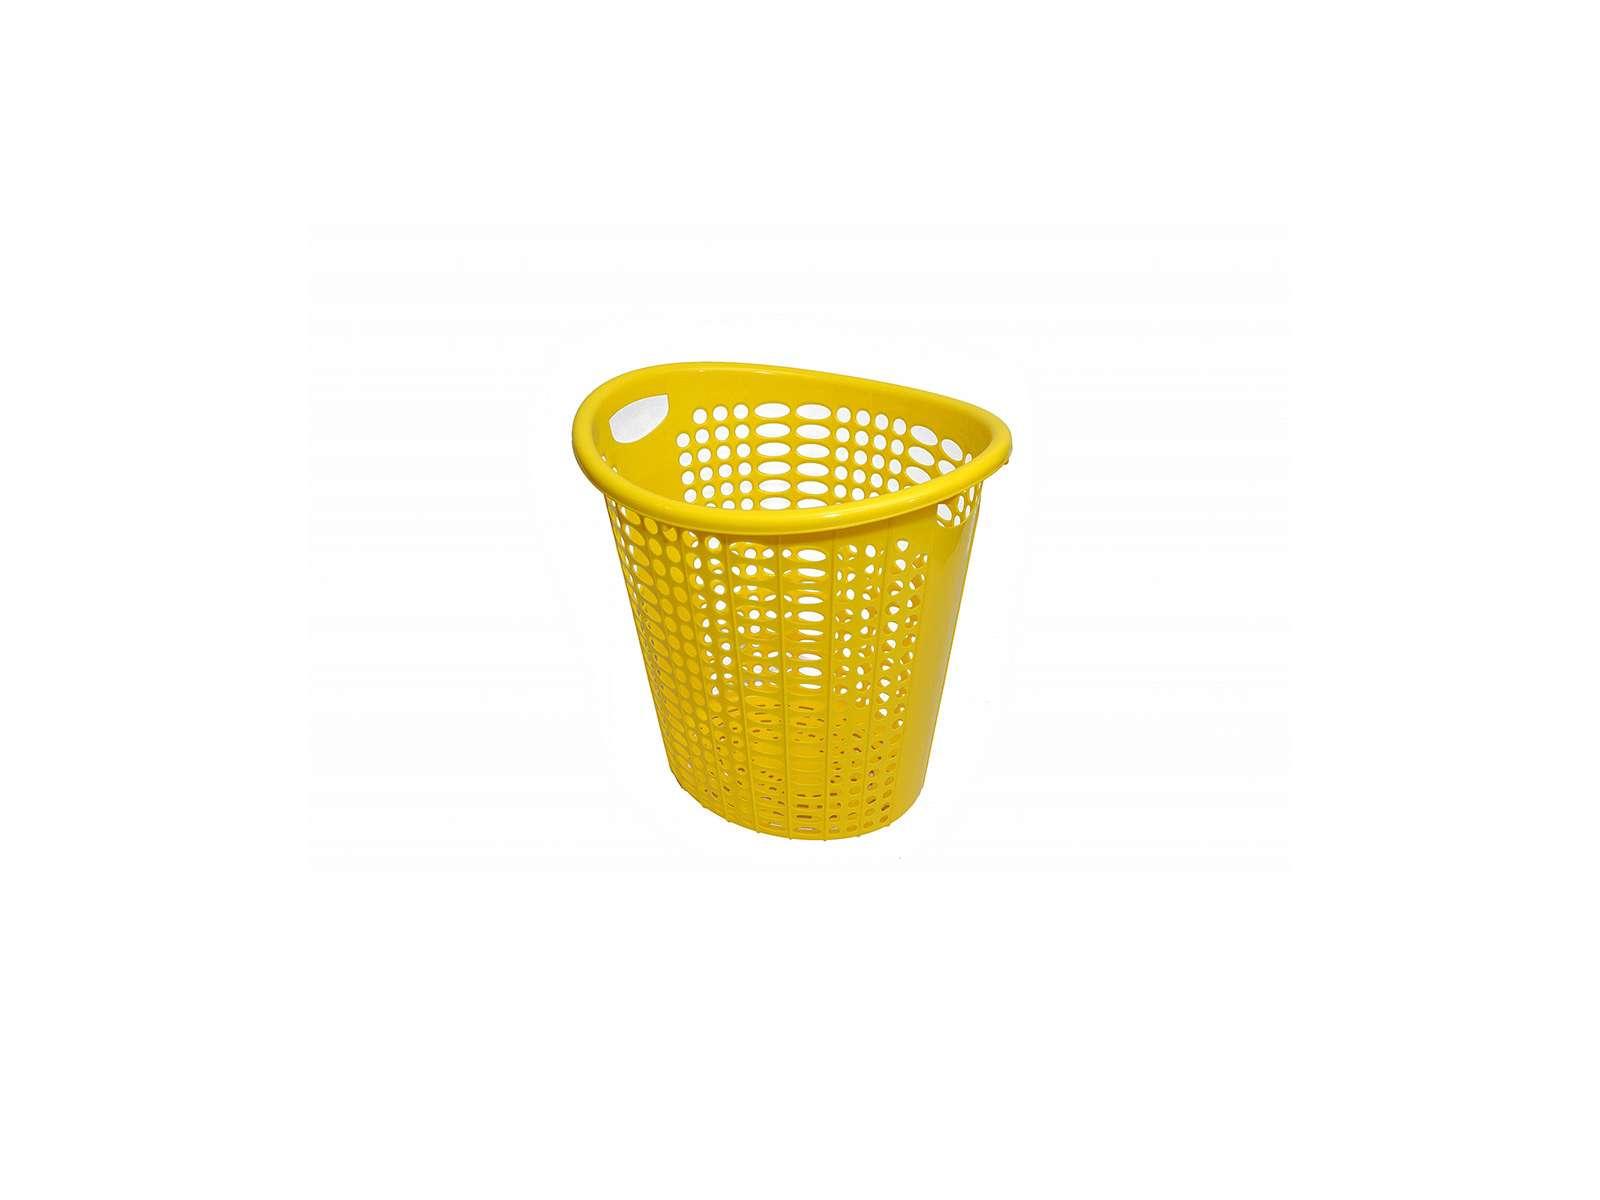 Oval Laundry Basket - Medium